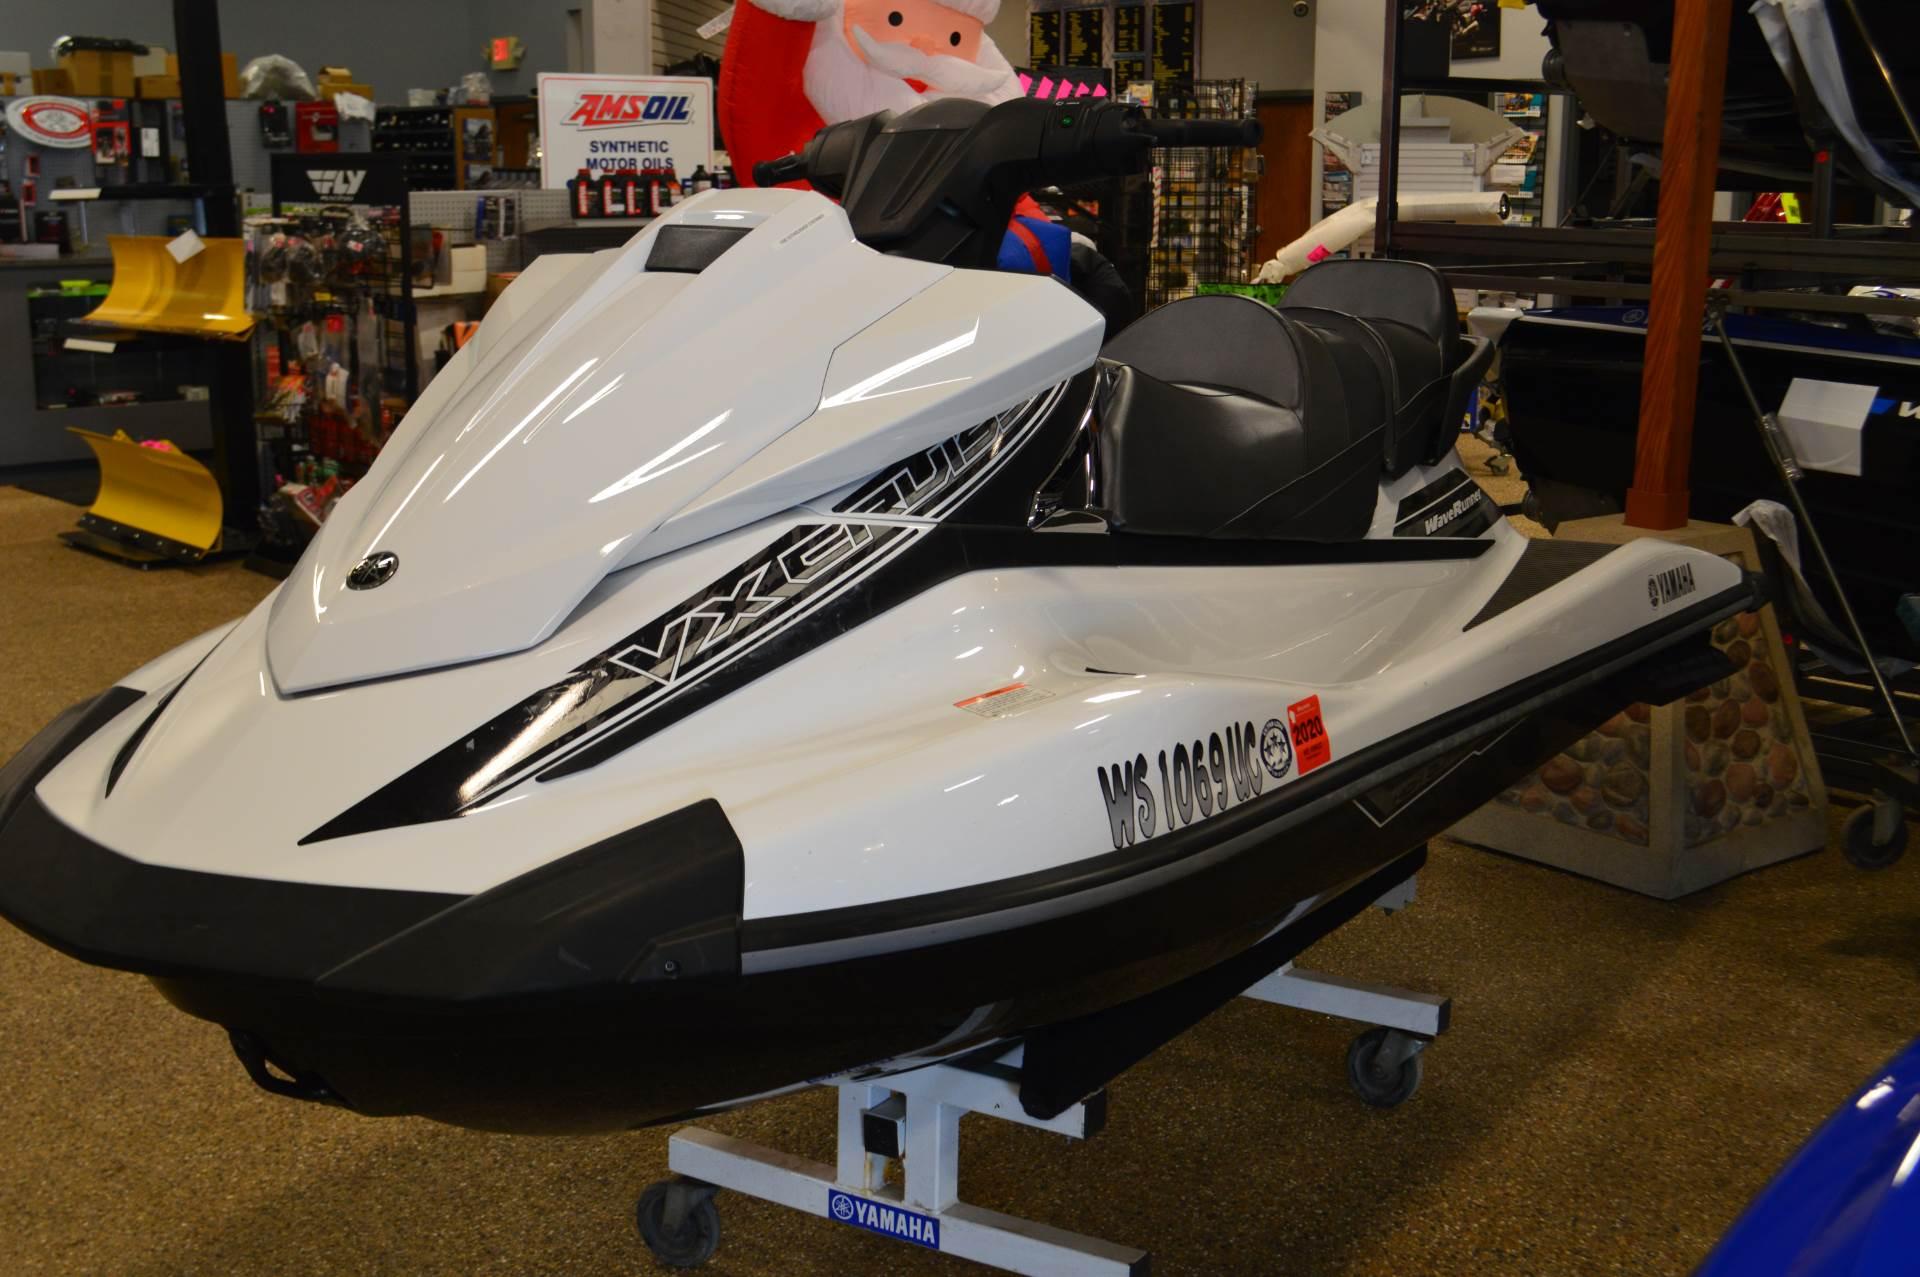 2016 Yamaha VX Cruiser for sale 51531